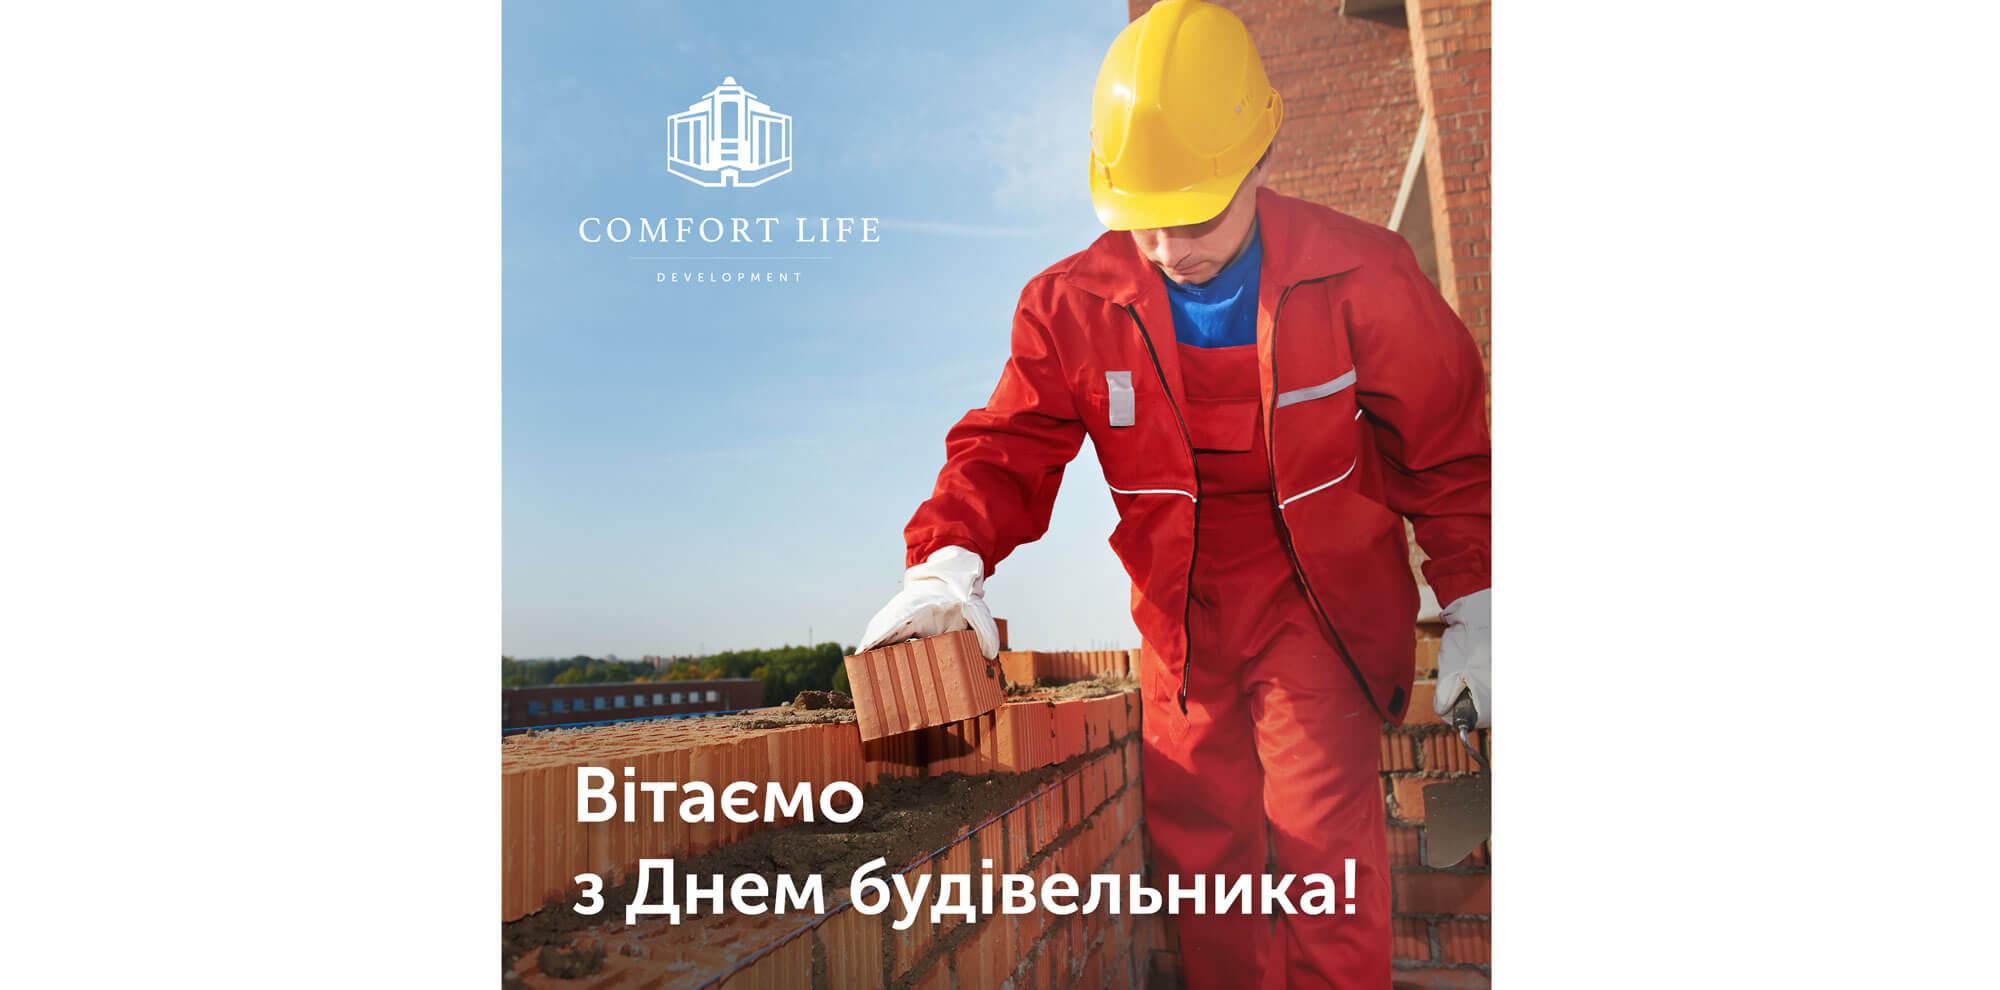 Comfort Life Development вітає з Днем будівельника!